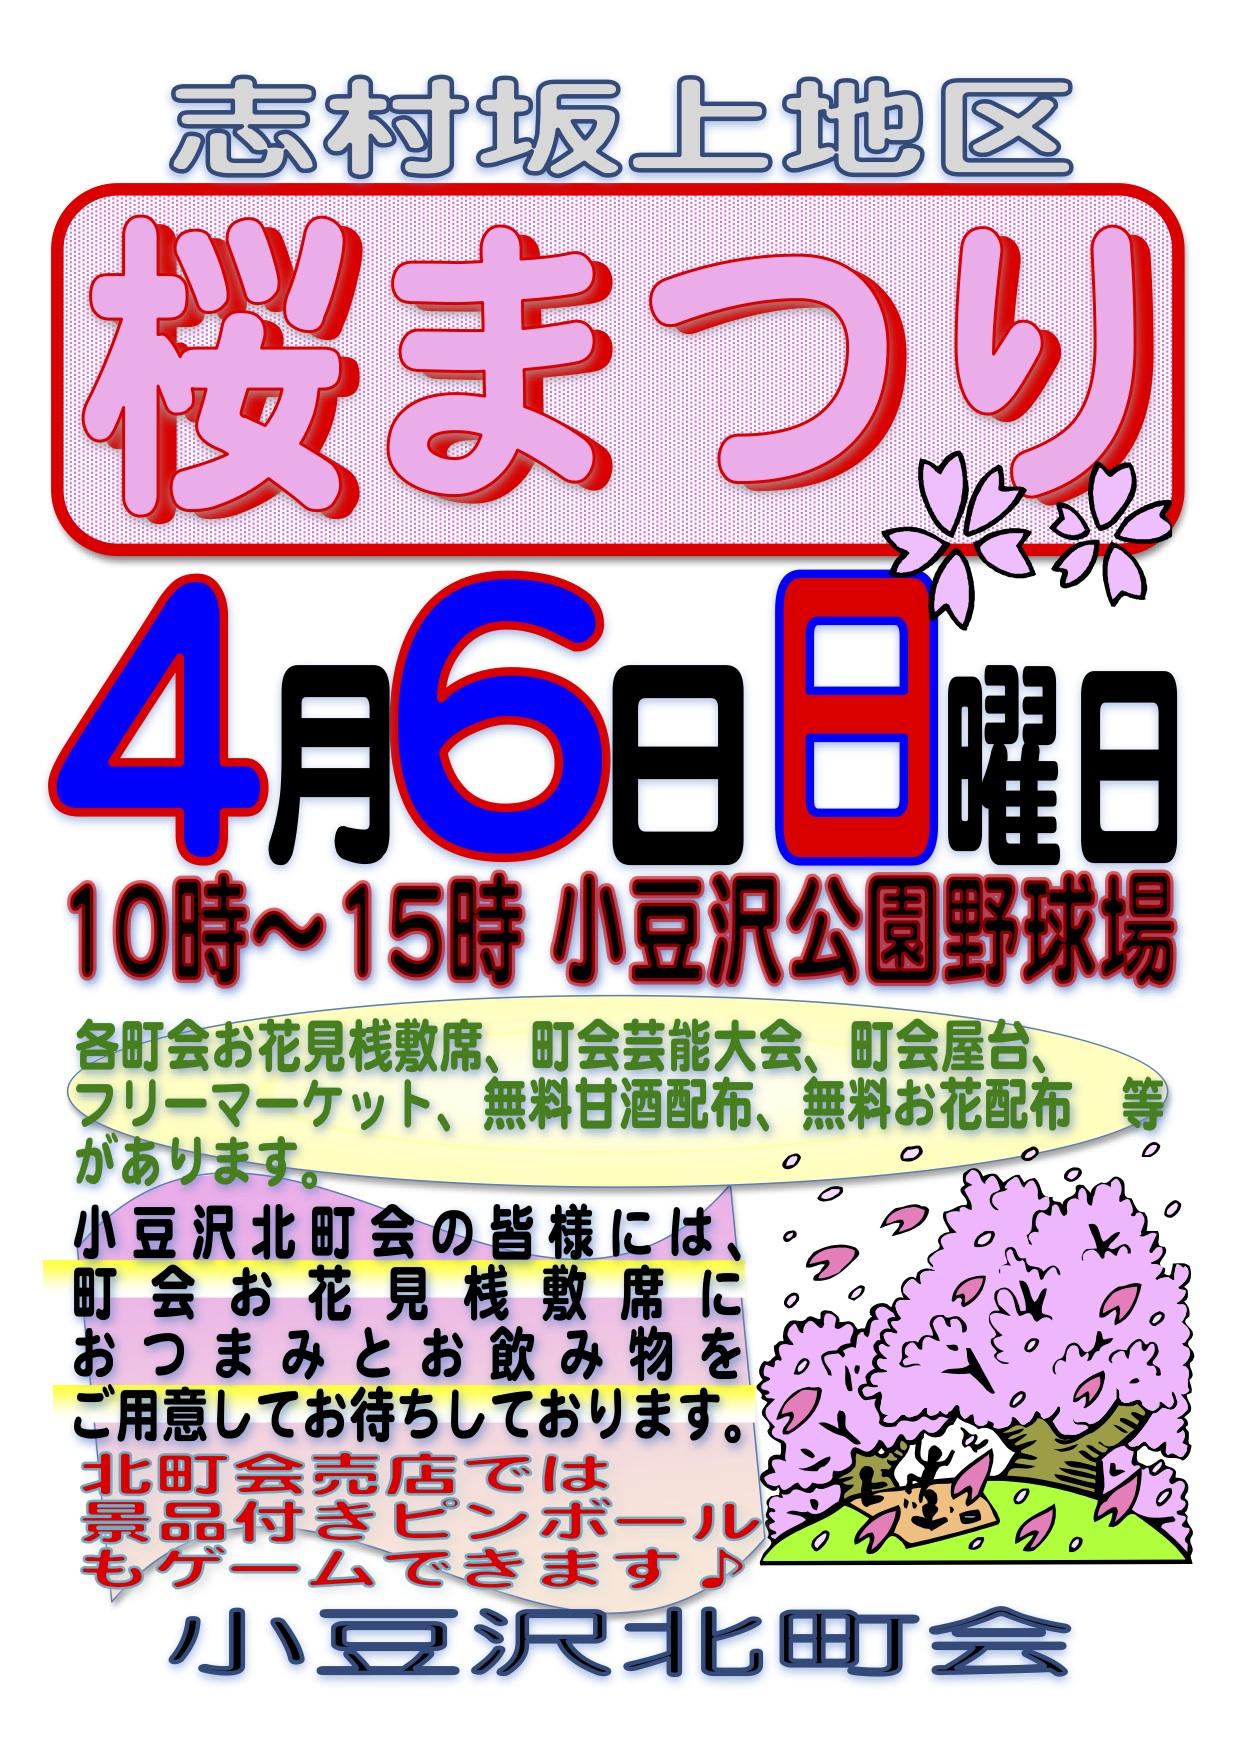 2014年4月6日志村坂上地区桜まつりポスター